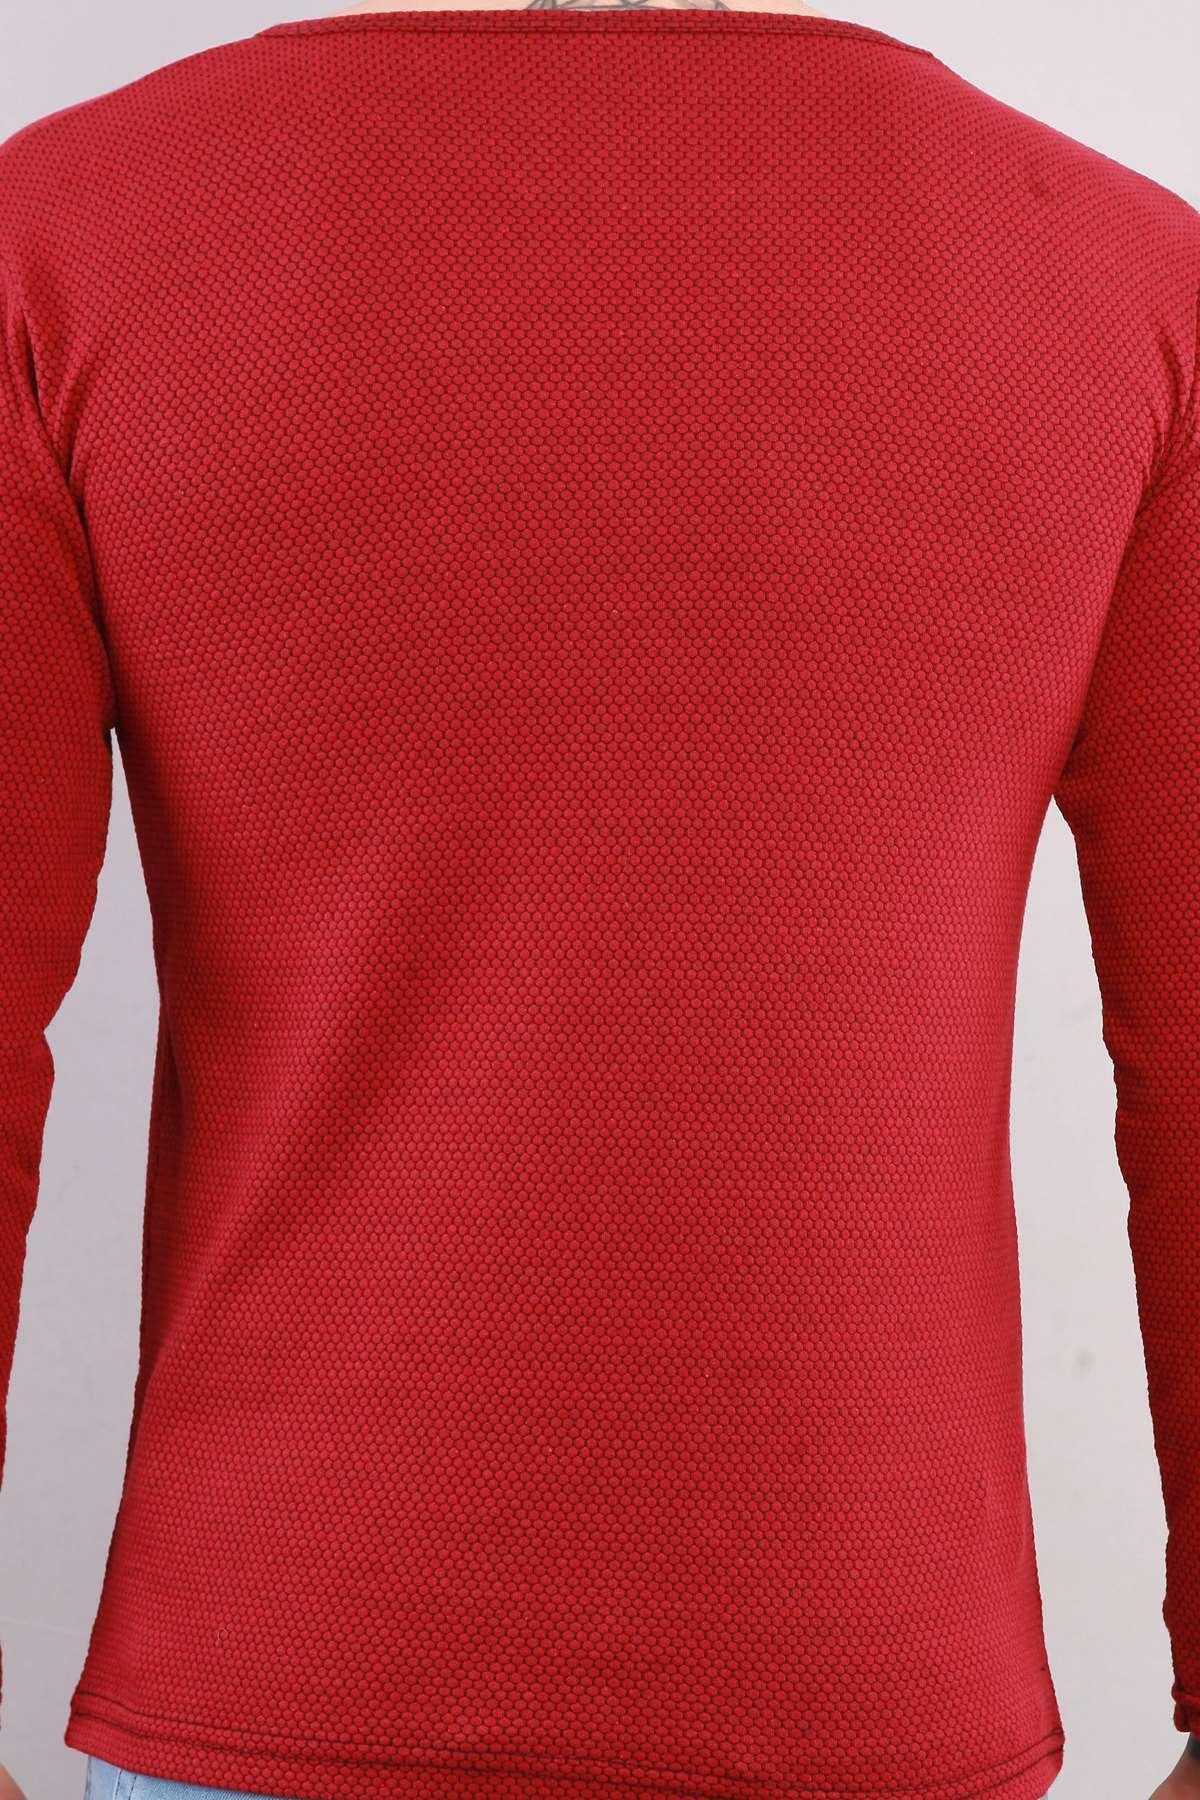 Petek Desen 0 Yaka Sweatshirt Bordo